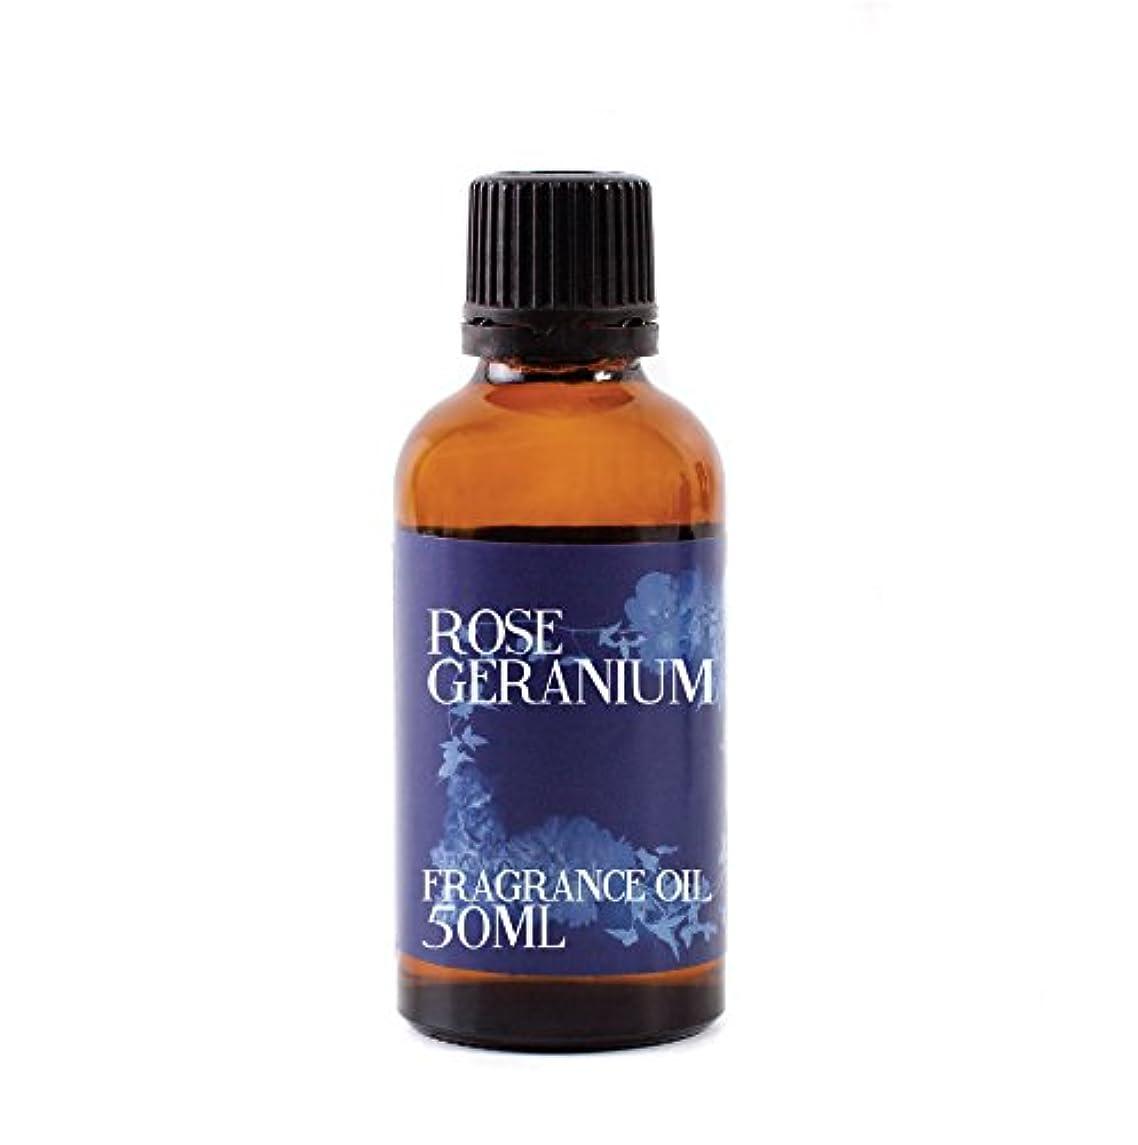 聞きます請求可能クリケットMystic Moments | Rose Geranium Fragrance Oil - 50ml